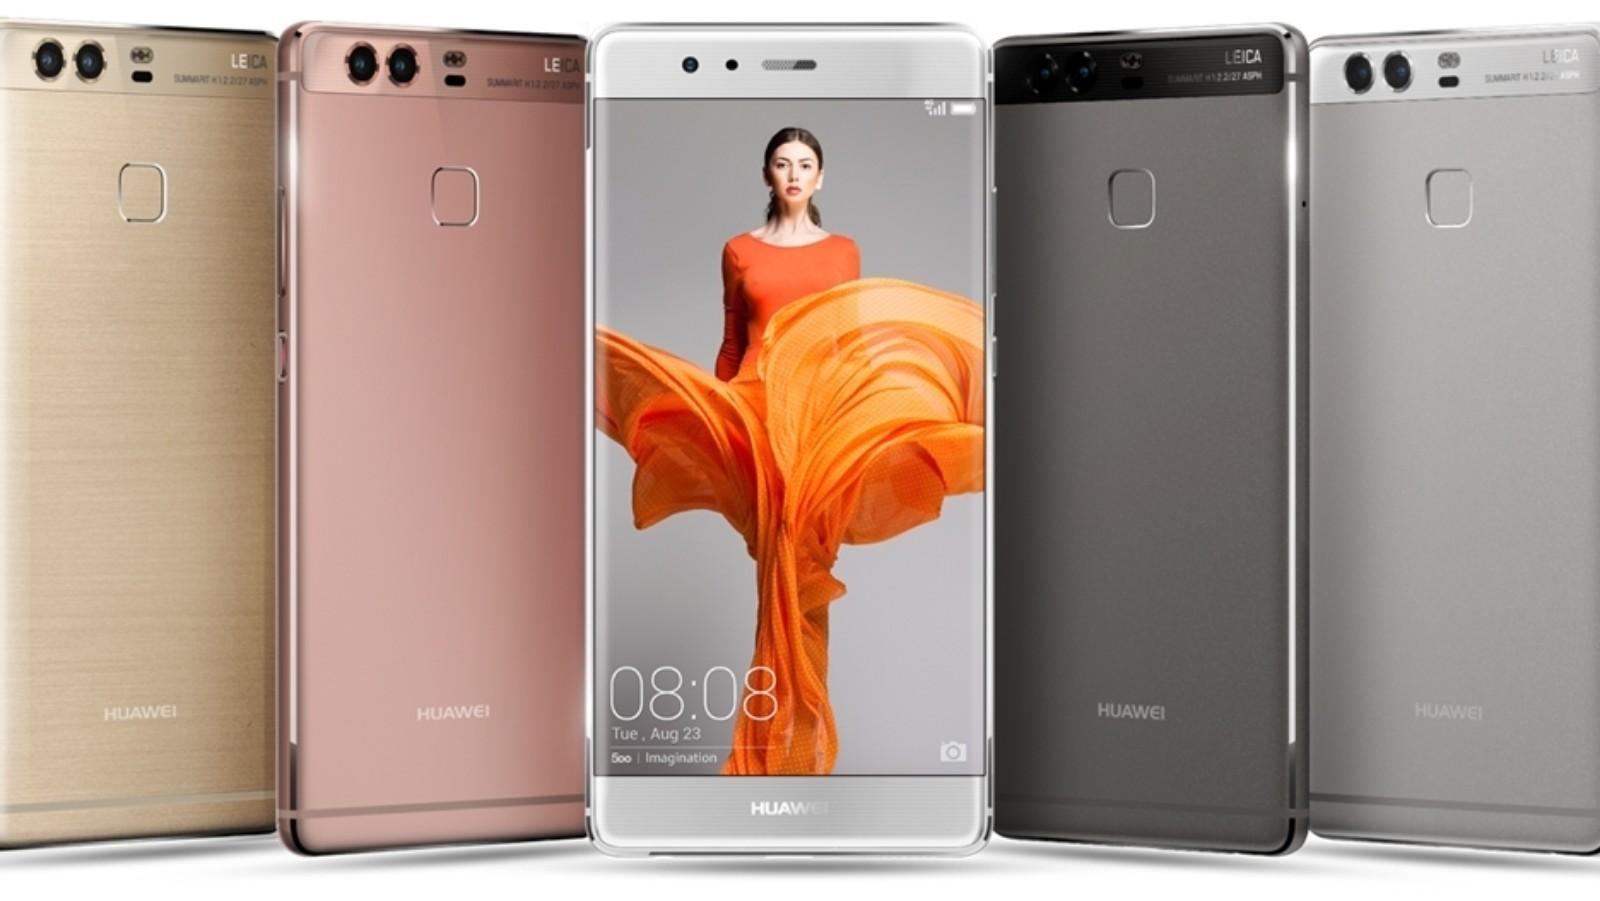 Huawei_P9 large